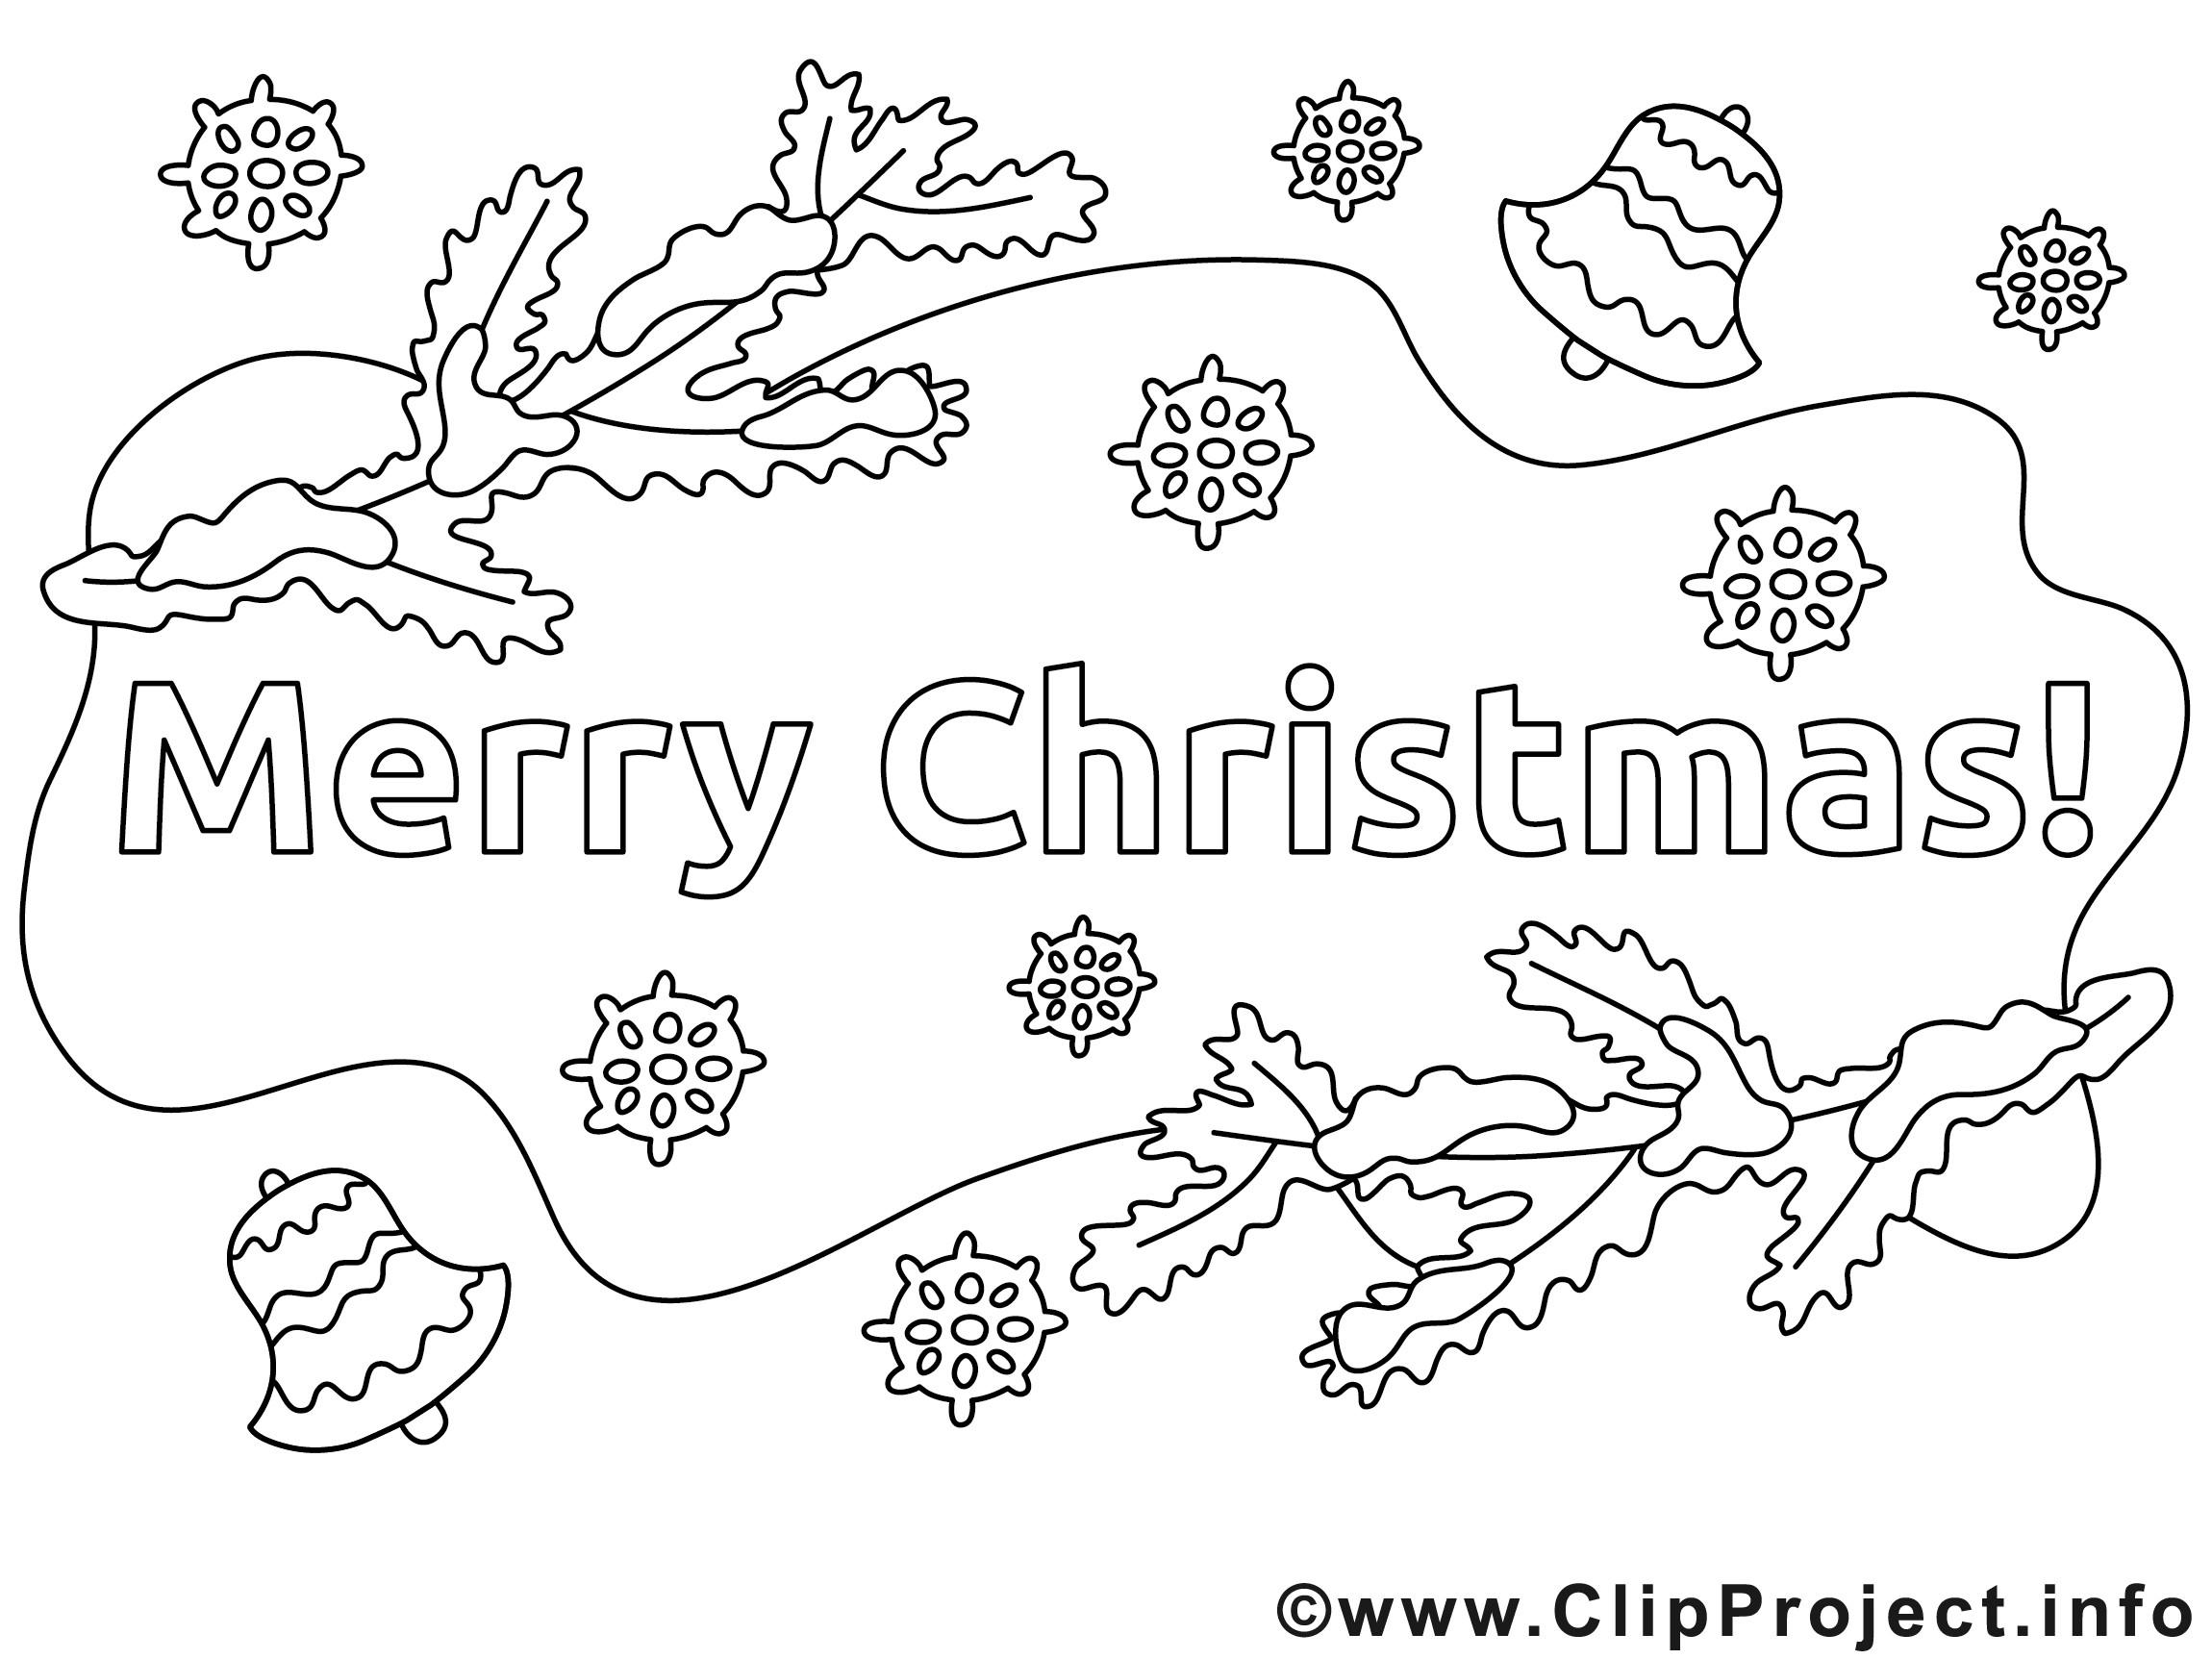 Ausmalbilder Weihnachten Gratis Frisch Malvorlagen Gratis Zum Ausdrucken Fotografieren